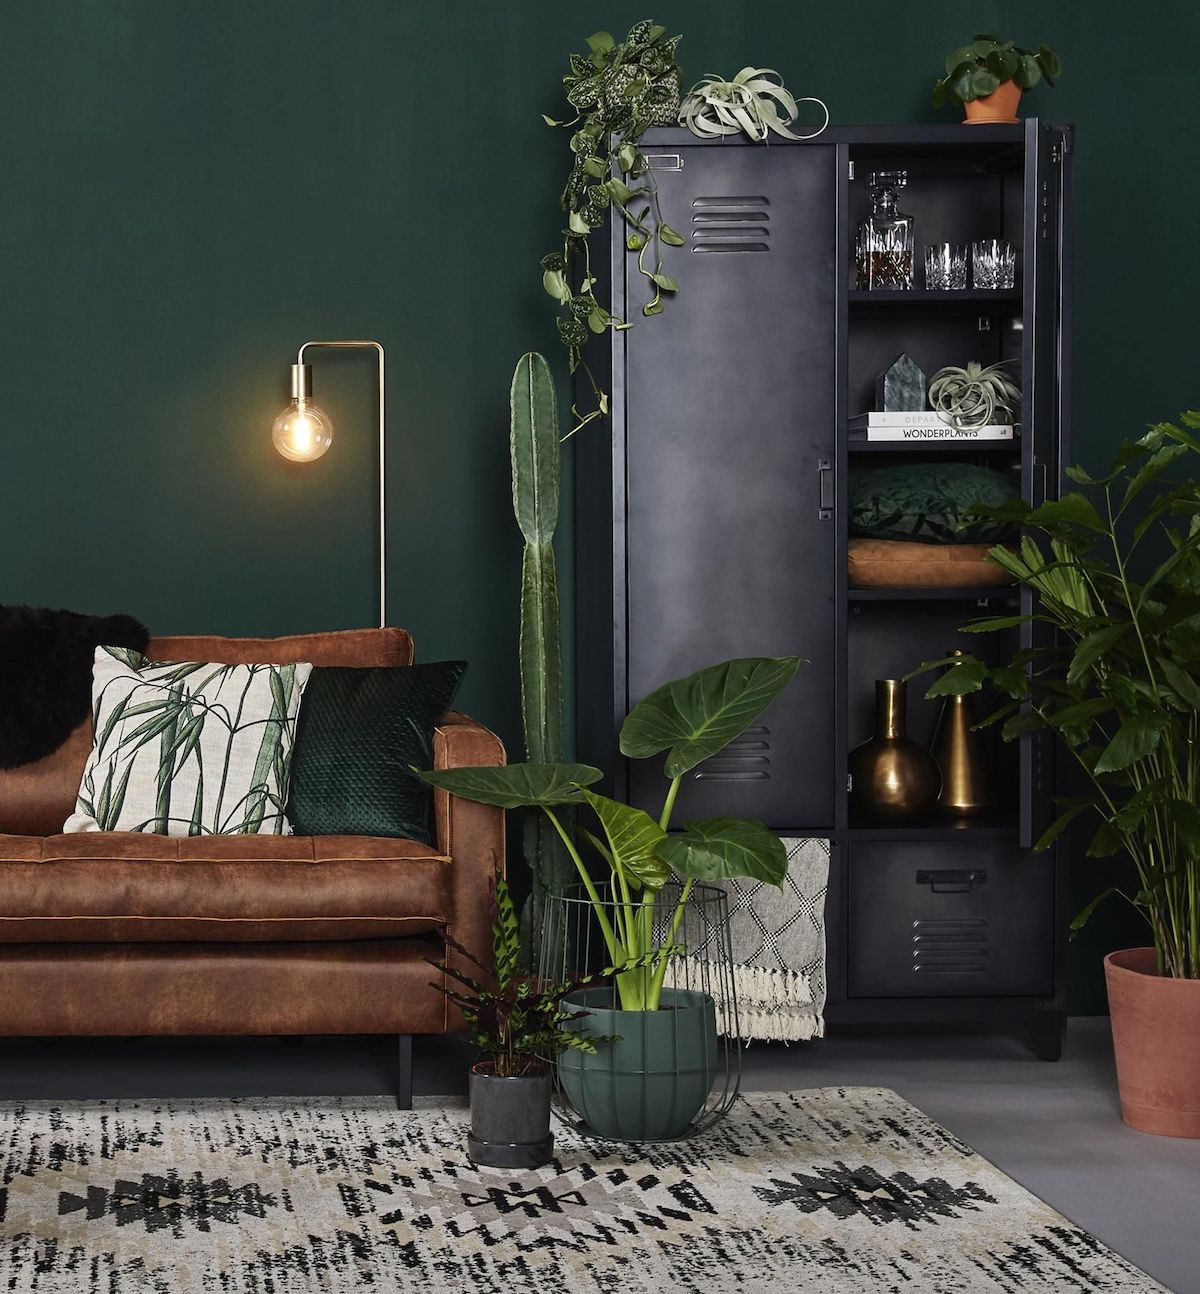 salon urban jungle plante verte industriel canapé cuir blog déco